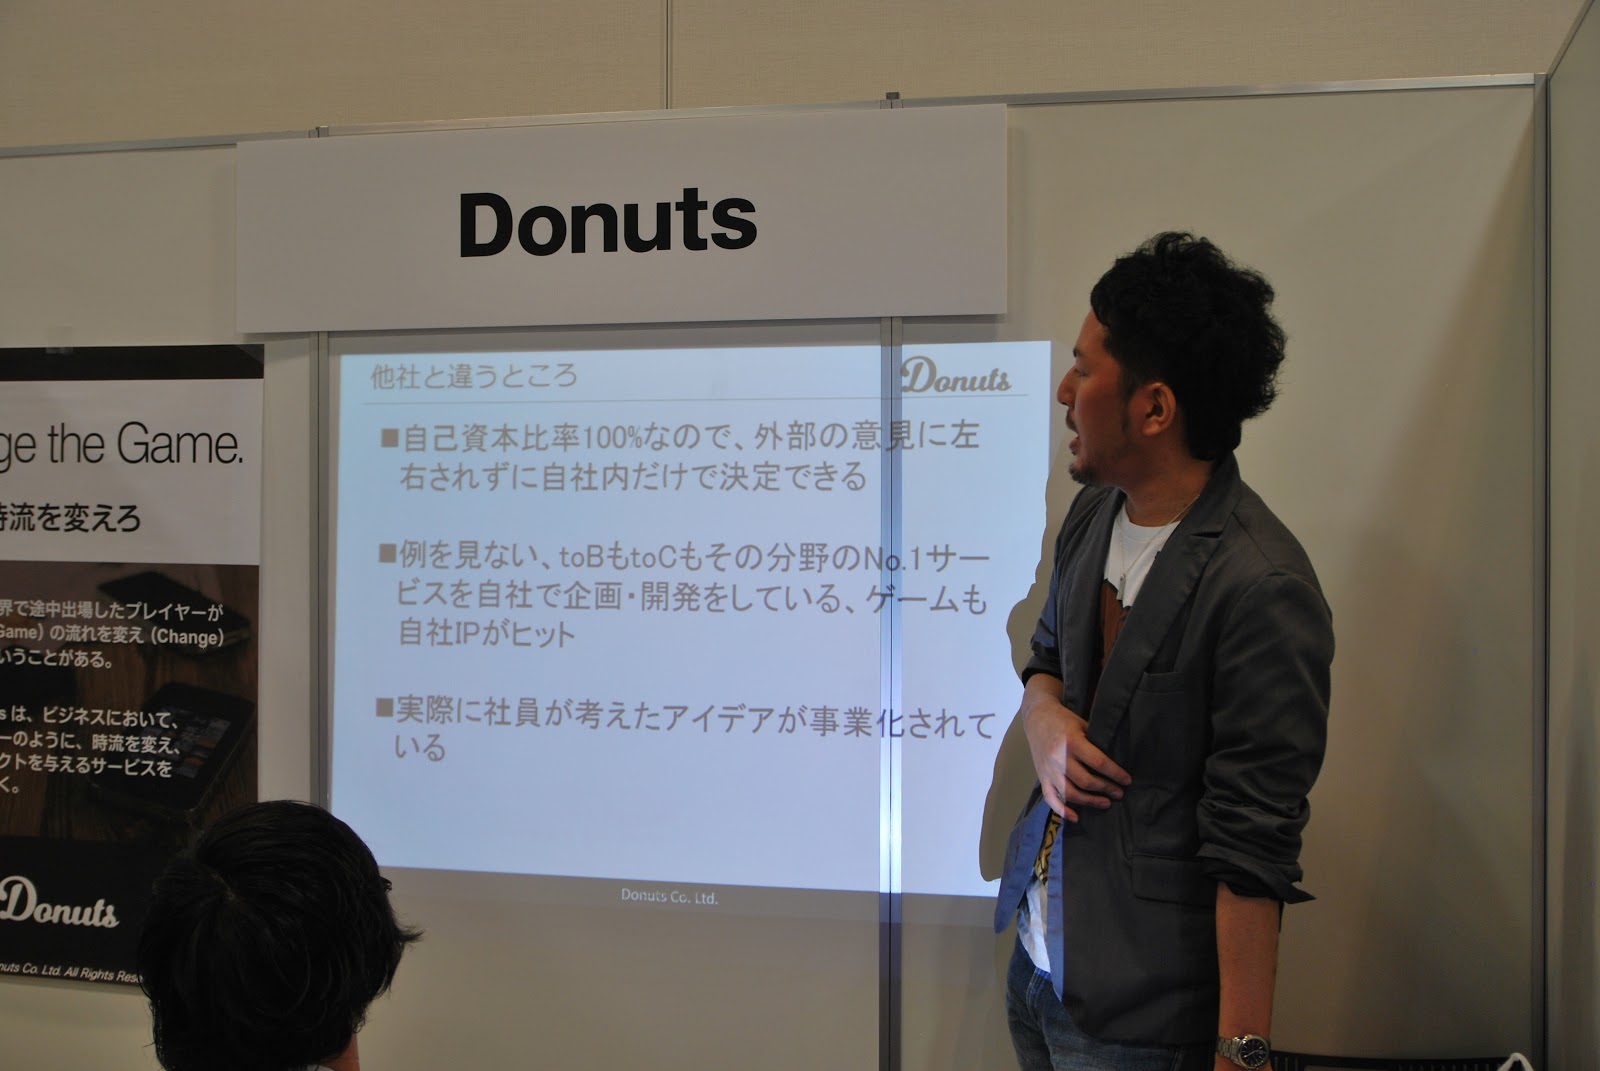 株式会社Donutsさん